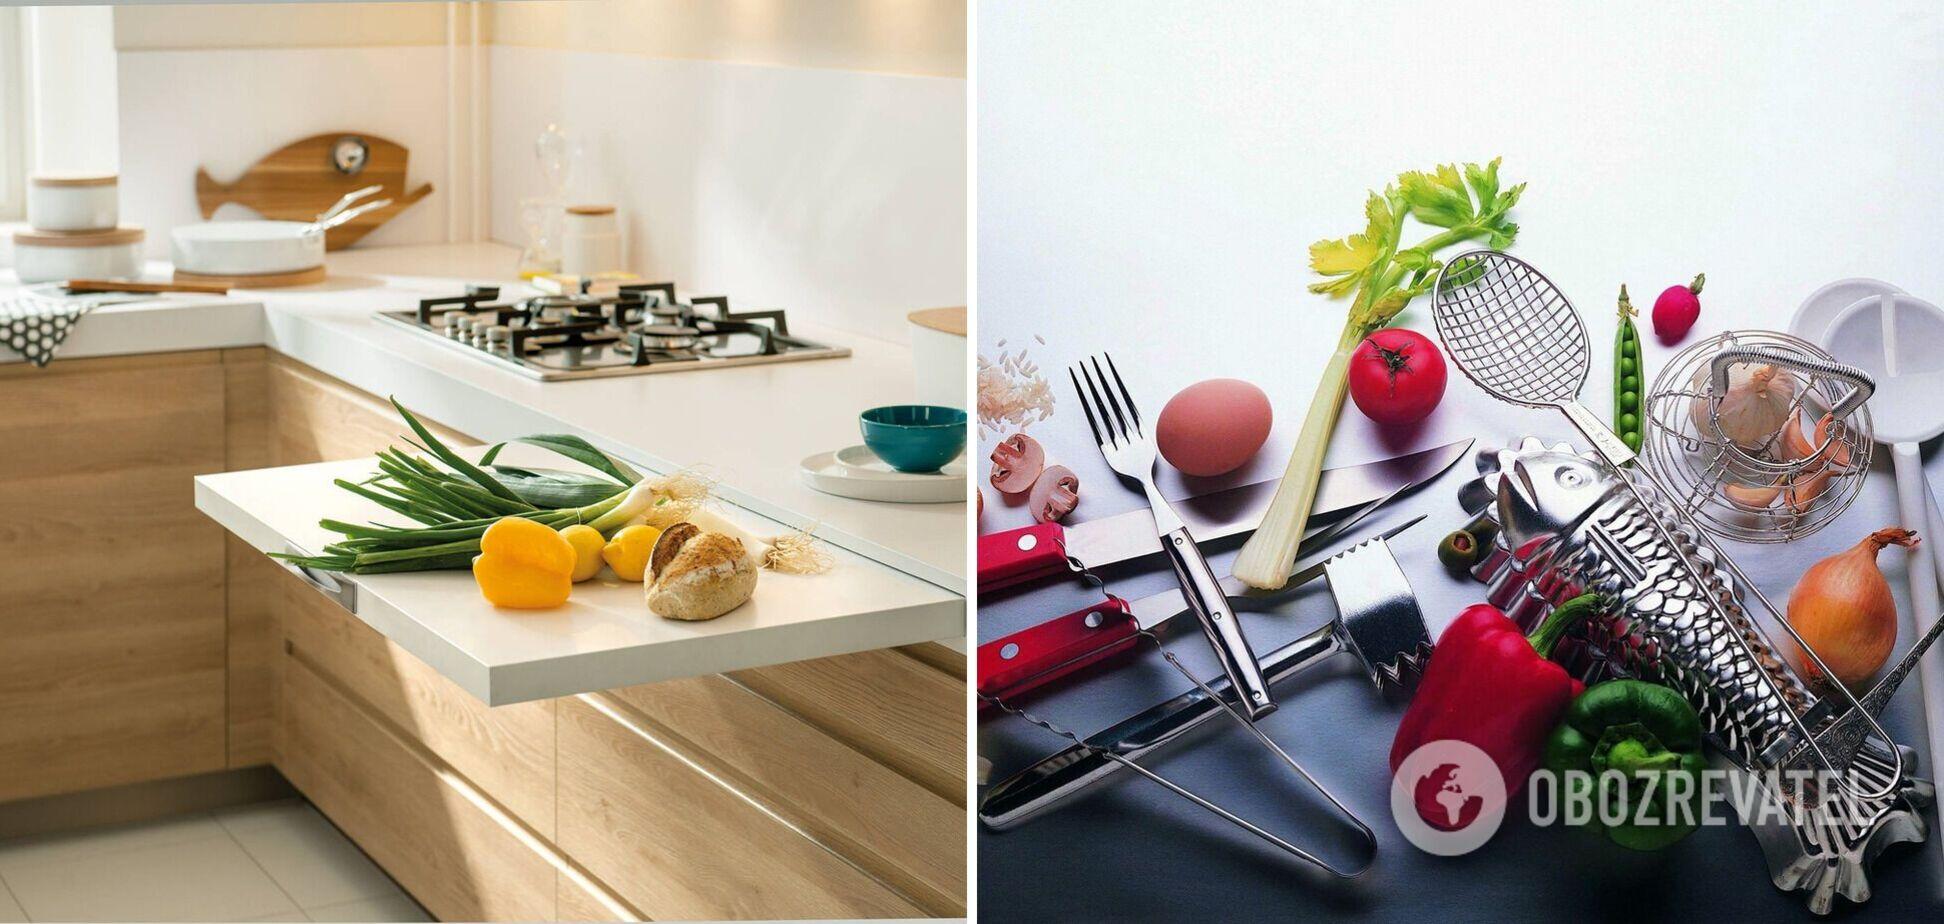 4 лайфхака, які полегшують процес приготування улюблених страв